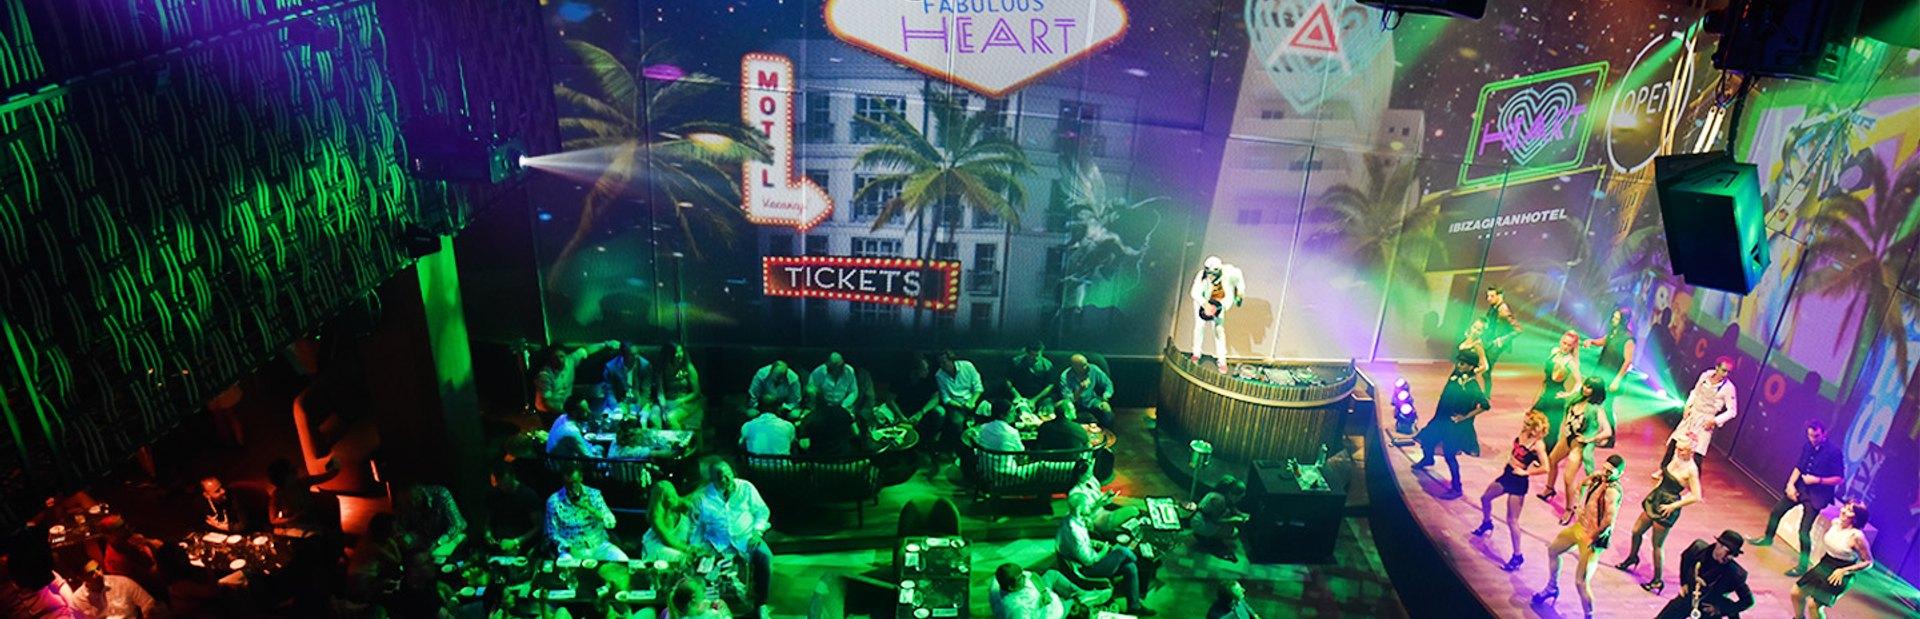 HEART, Ibiza Image 1